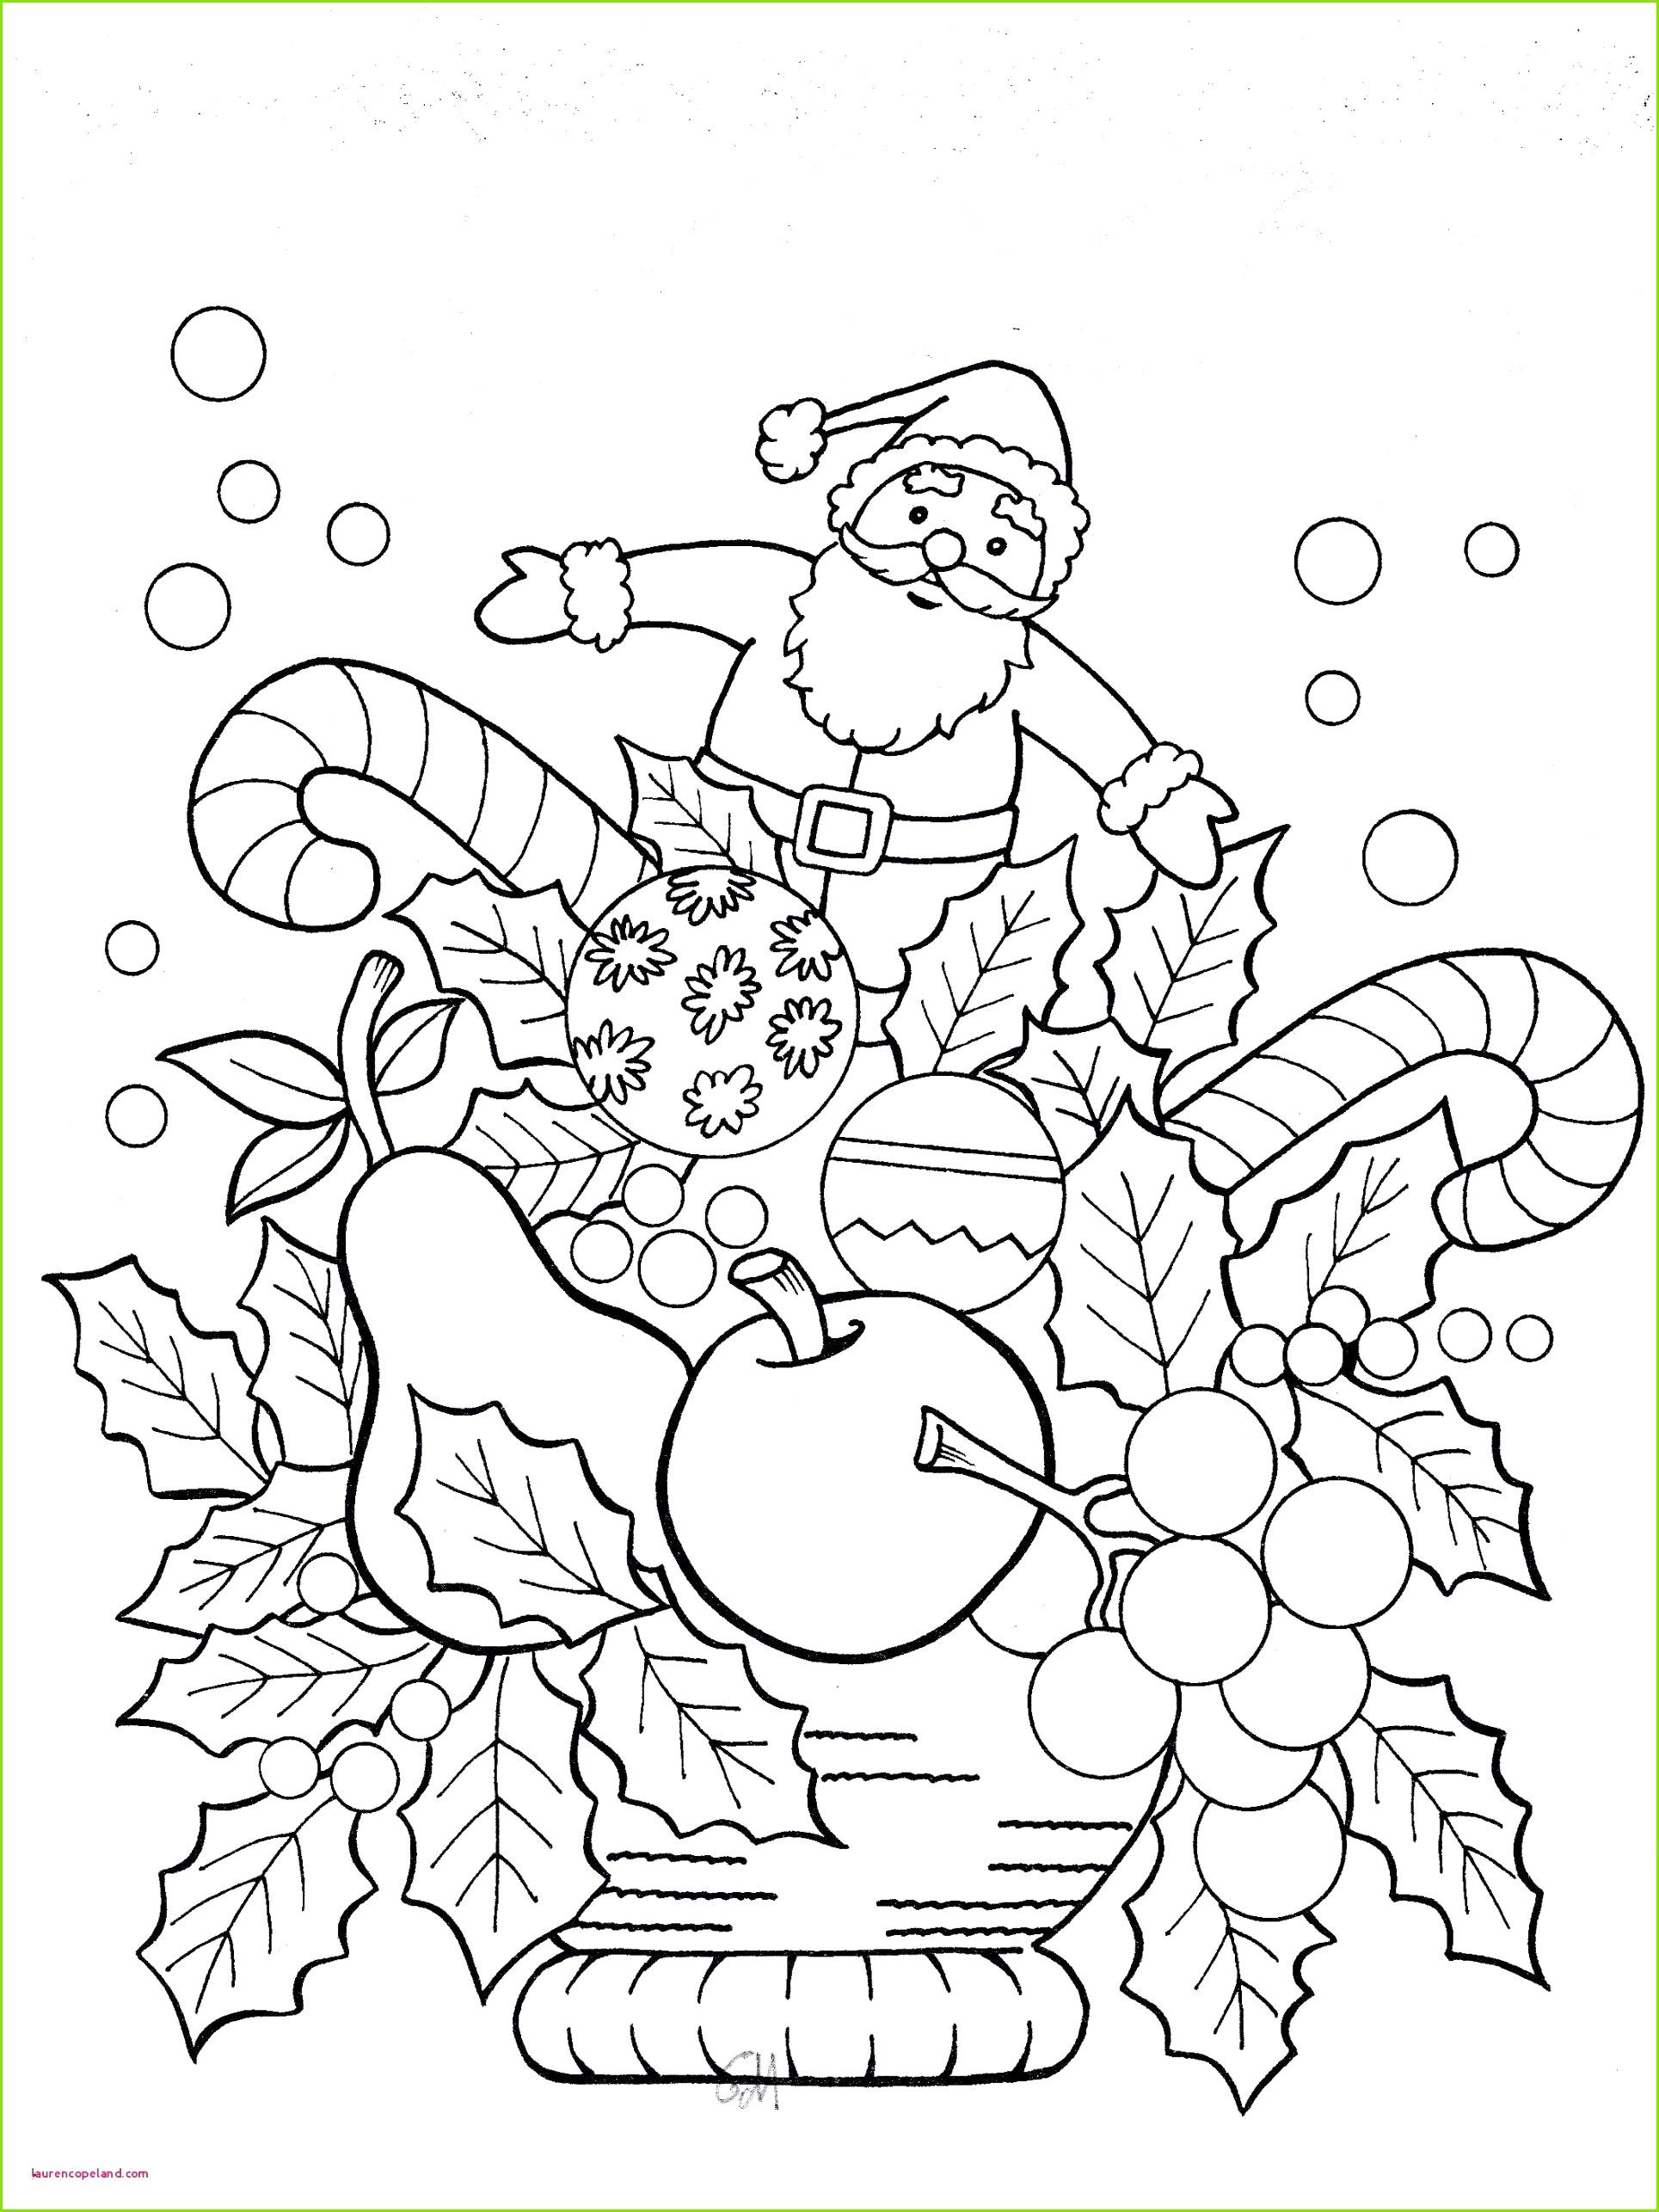 Rentier Vorlage Zum Ausdrucken Ausmalbilder Weihnachten Schneemann Luxus Igel Grundschule 0d Luxus